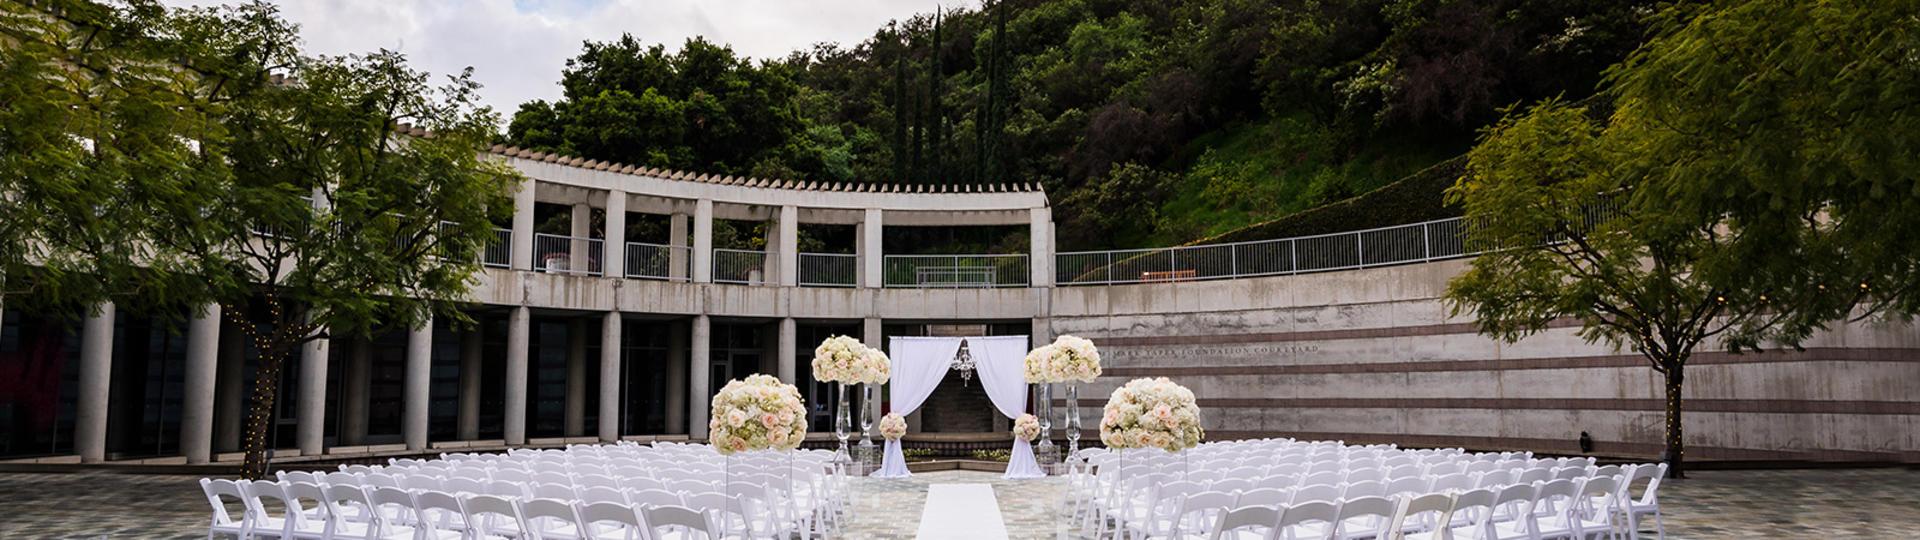 Plan an Event Wedding Taper